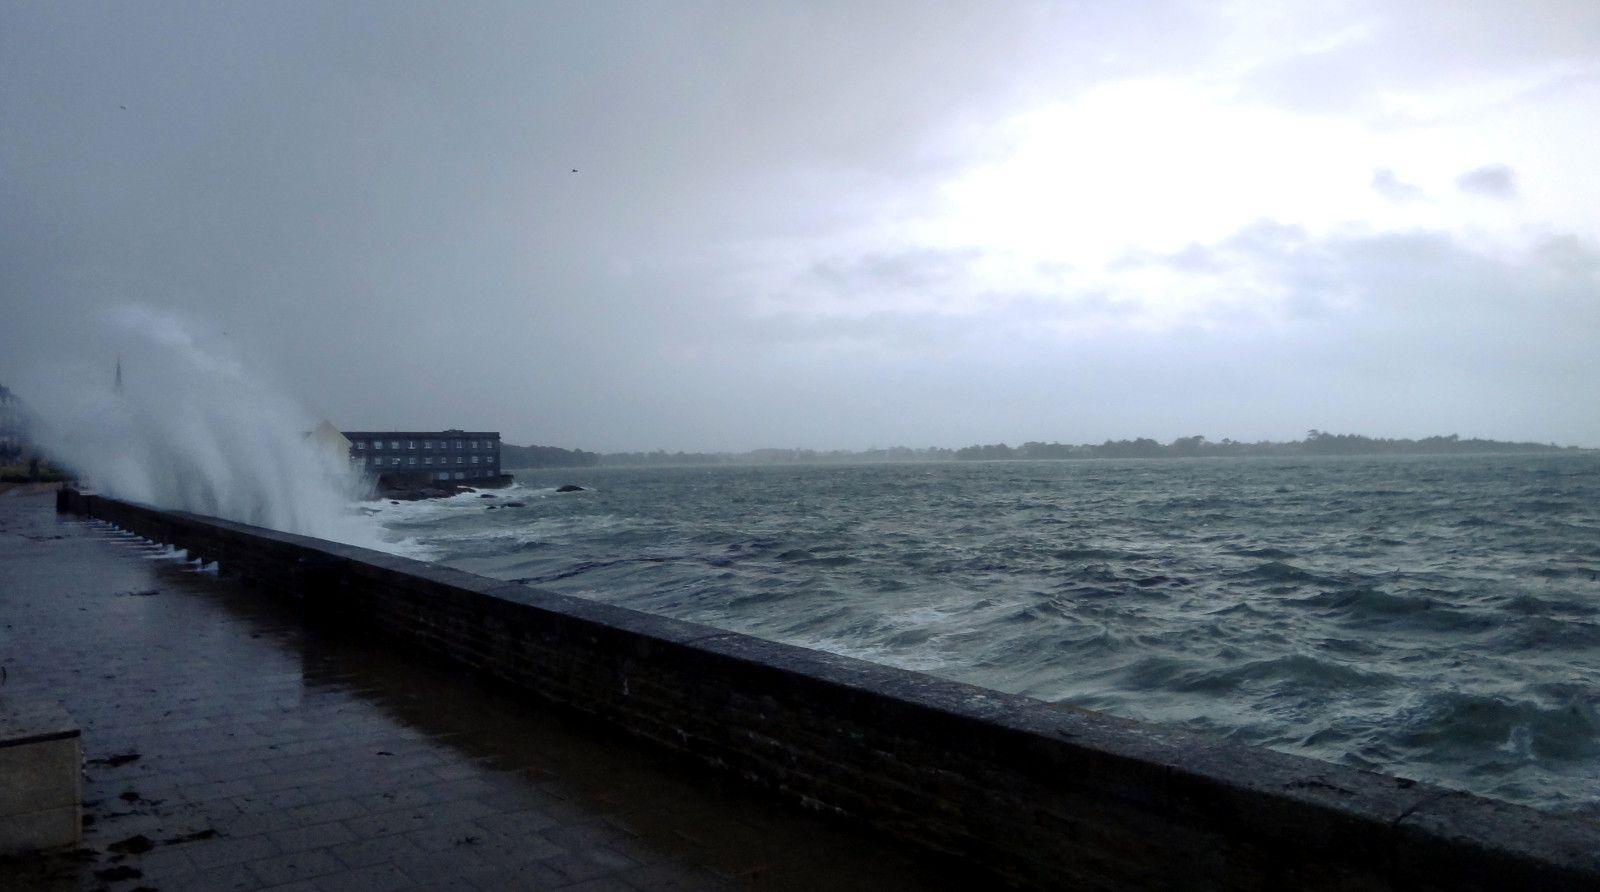 année à Concarneau finit en tempête